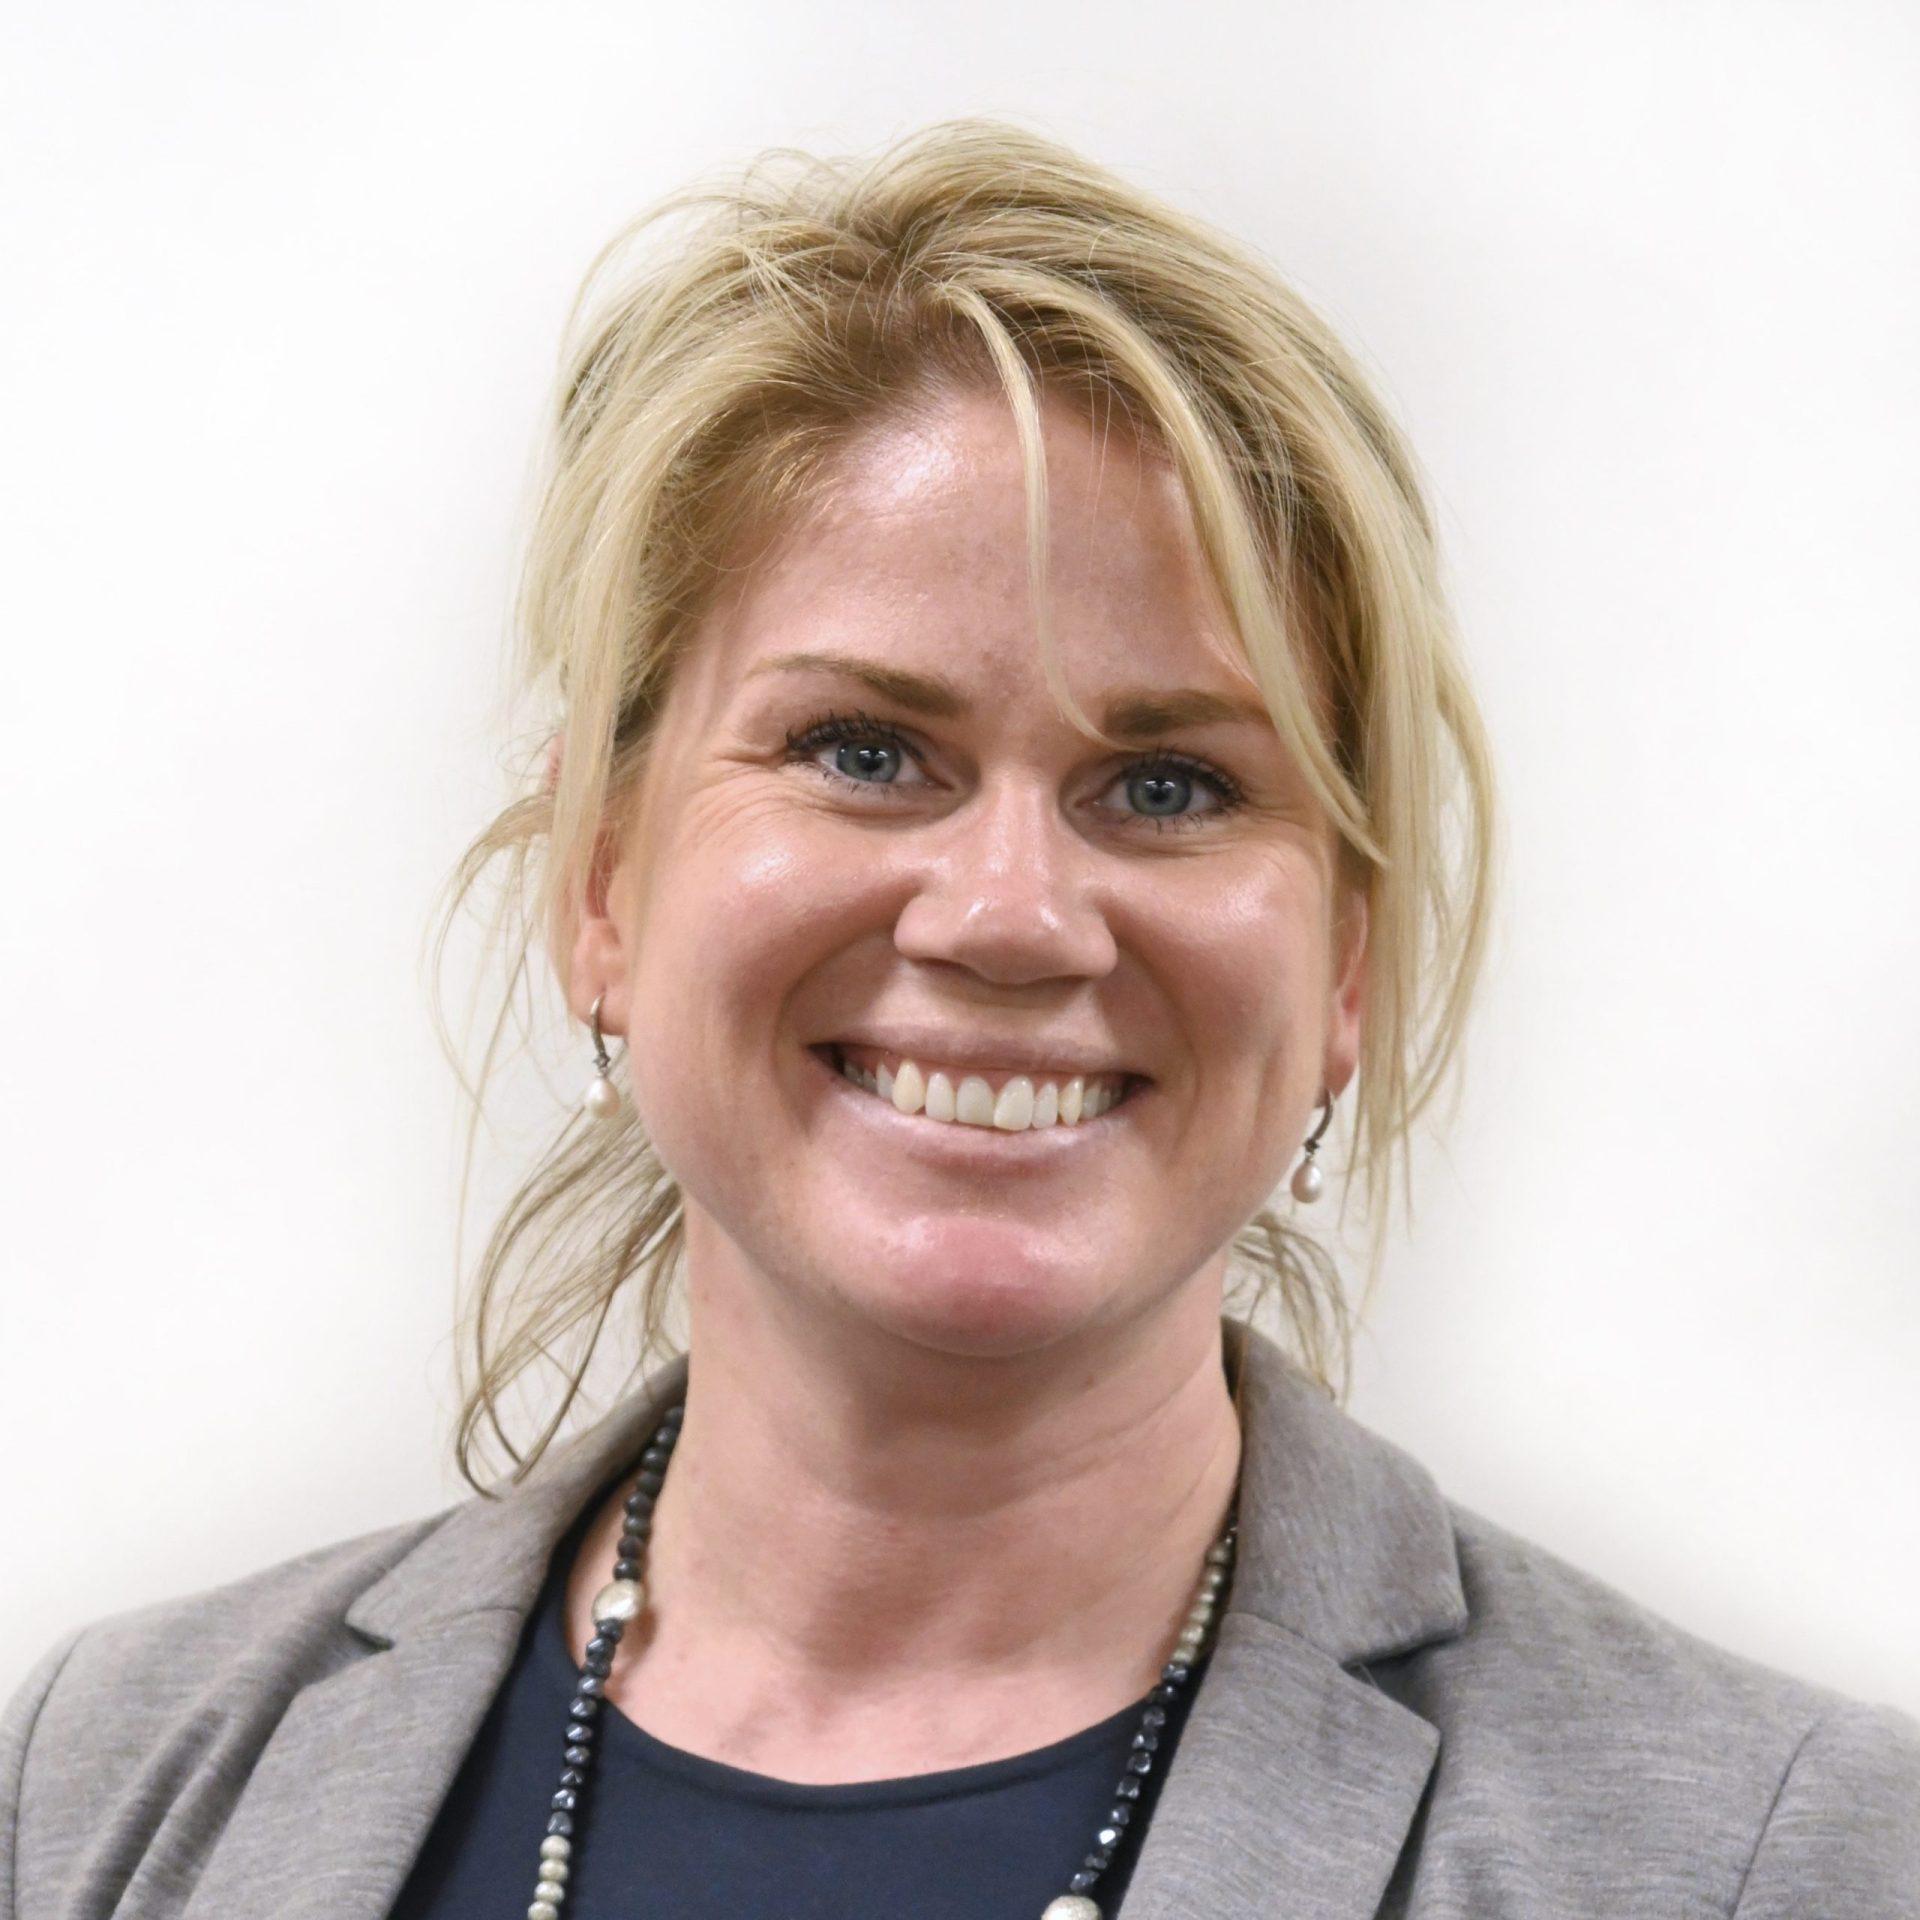 Melissa Jarman